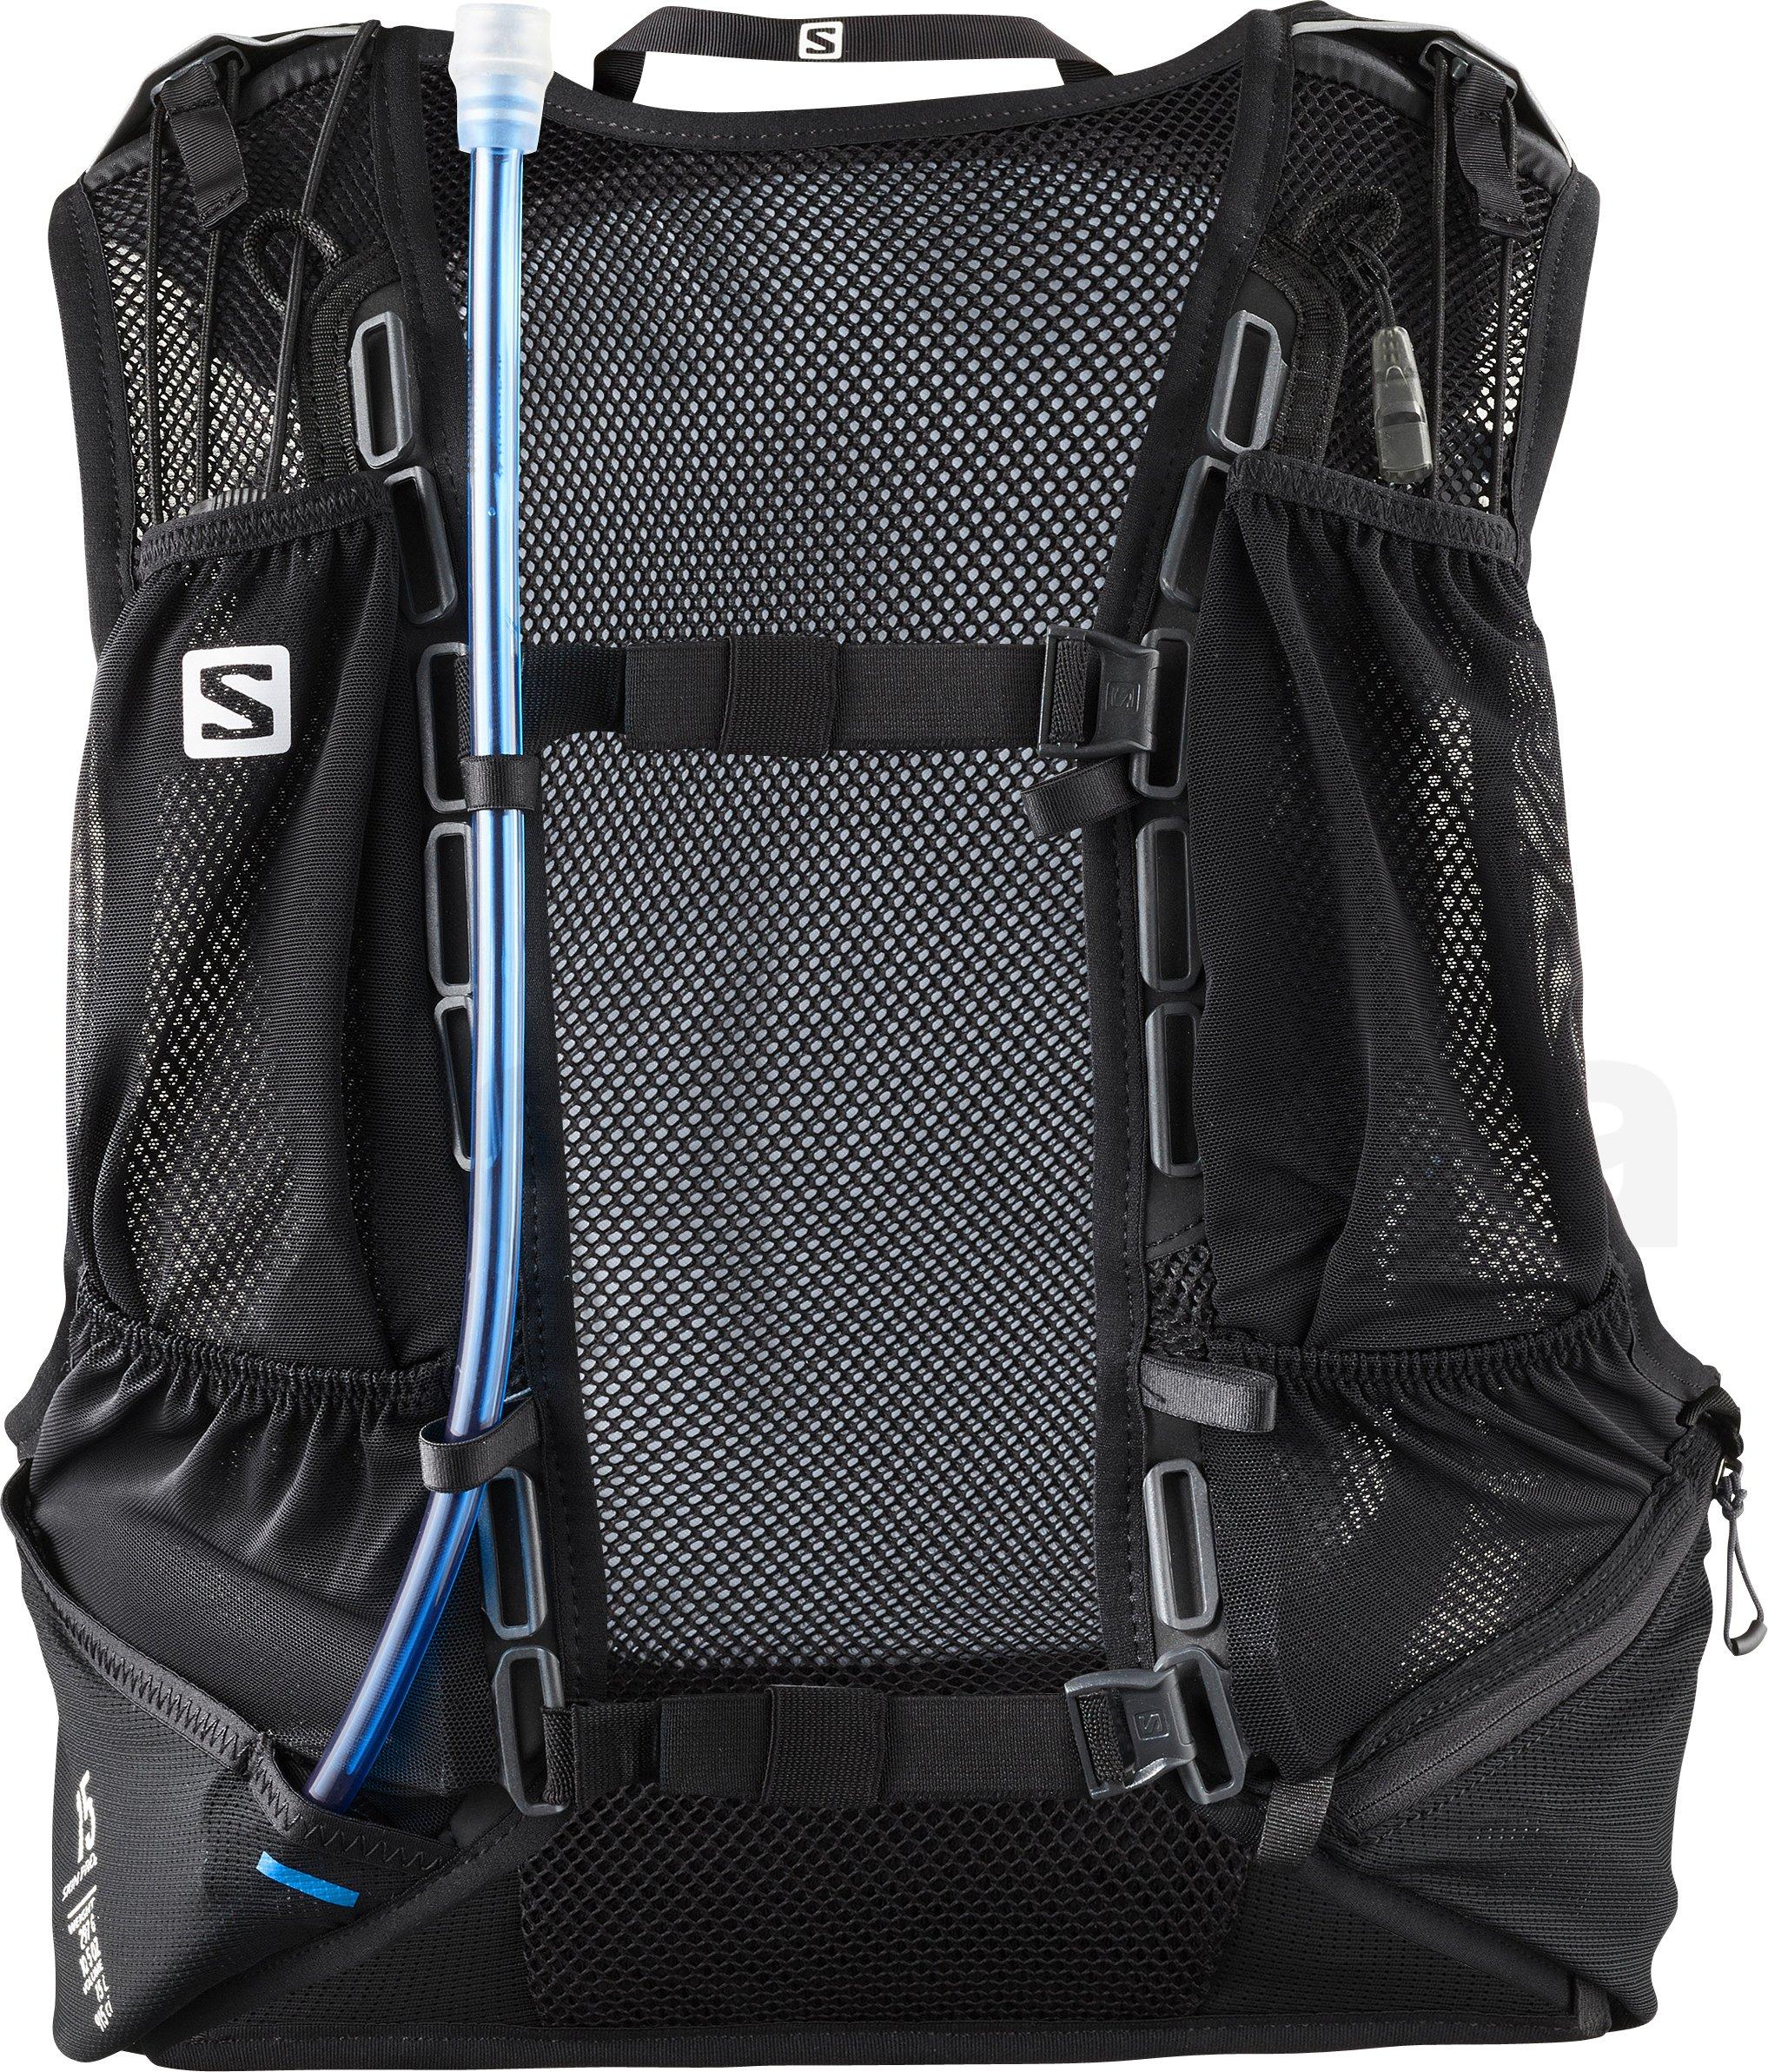 1071059e00 Sportovní batoh Salomon SKIN PRO 15 SET Black Ebony - LC1091900 ...